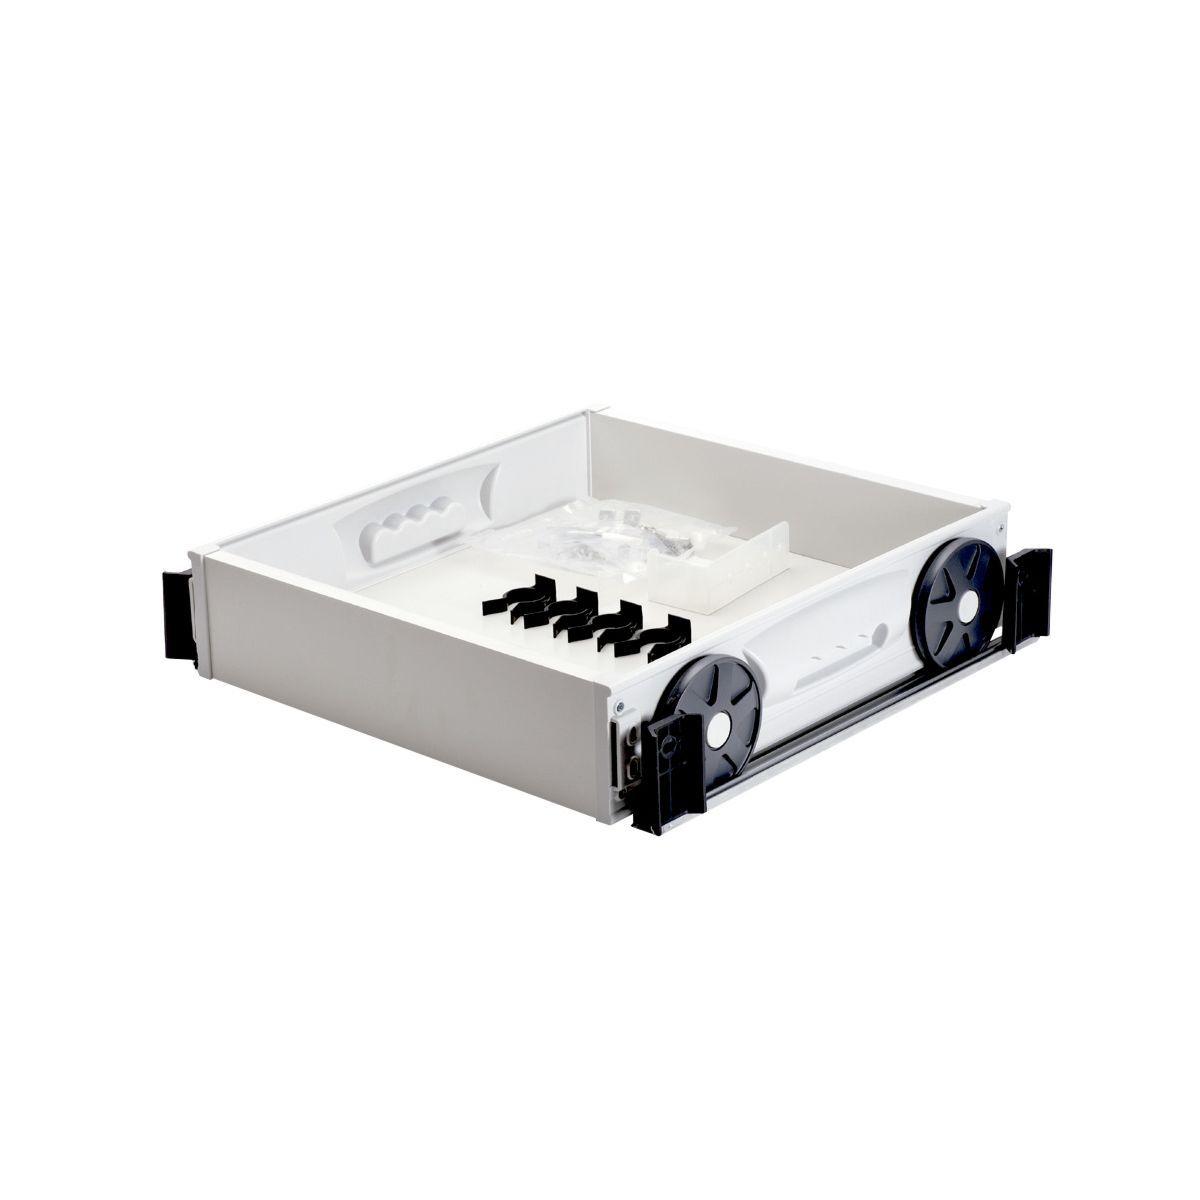 Zocal Box Kit Cajon Oculto Zocalo En 2020 Diseno Muebles De